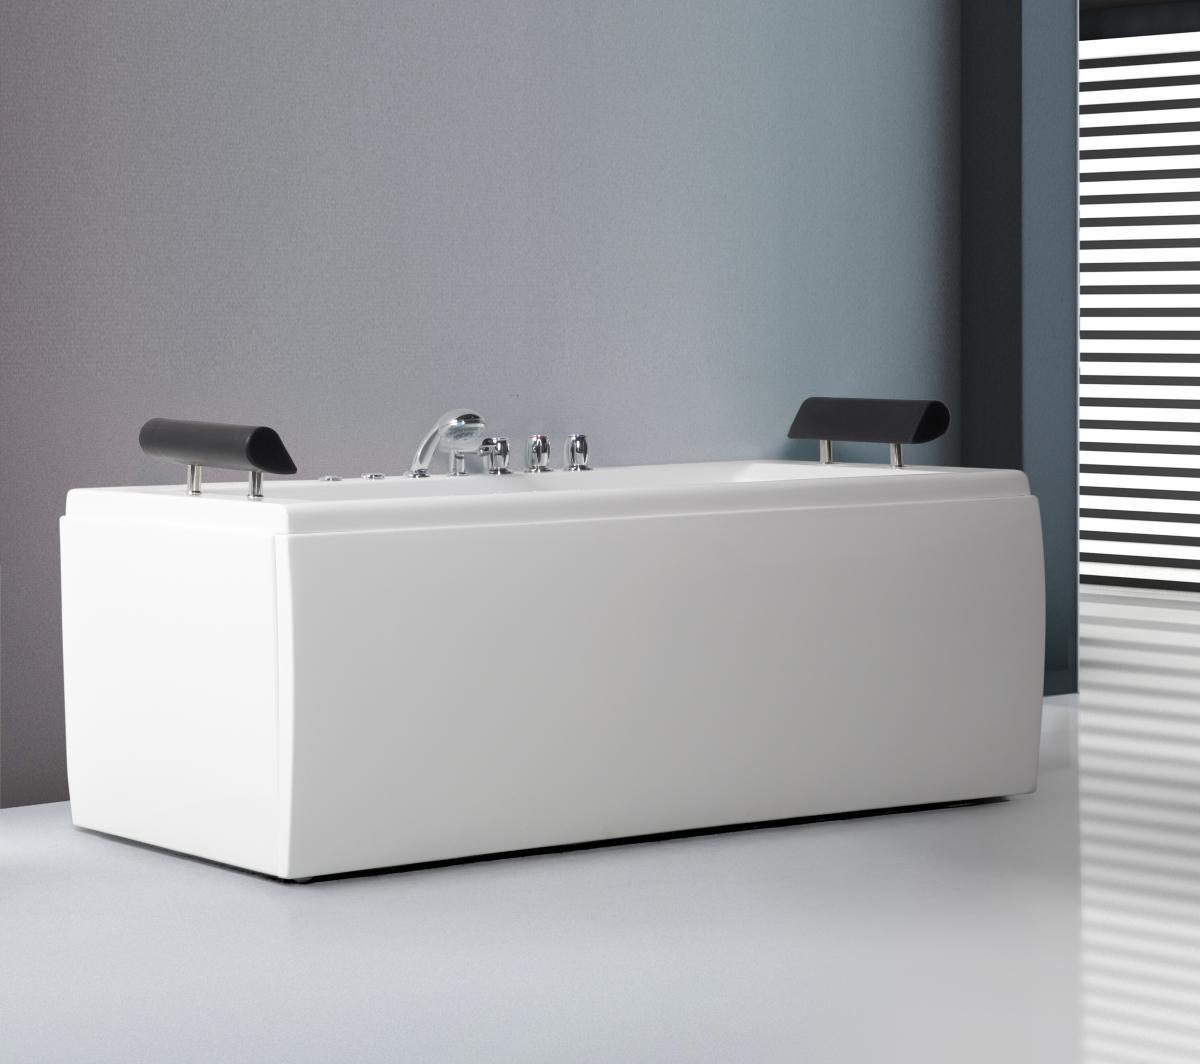 whirlpool badewanne manhattan freistehend mit 14 massage. Black Bedroom Furniture Sets. Home Design Ideas